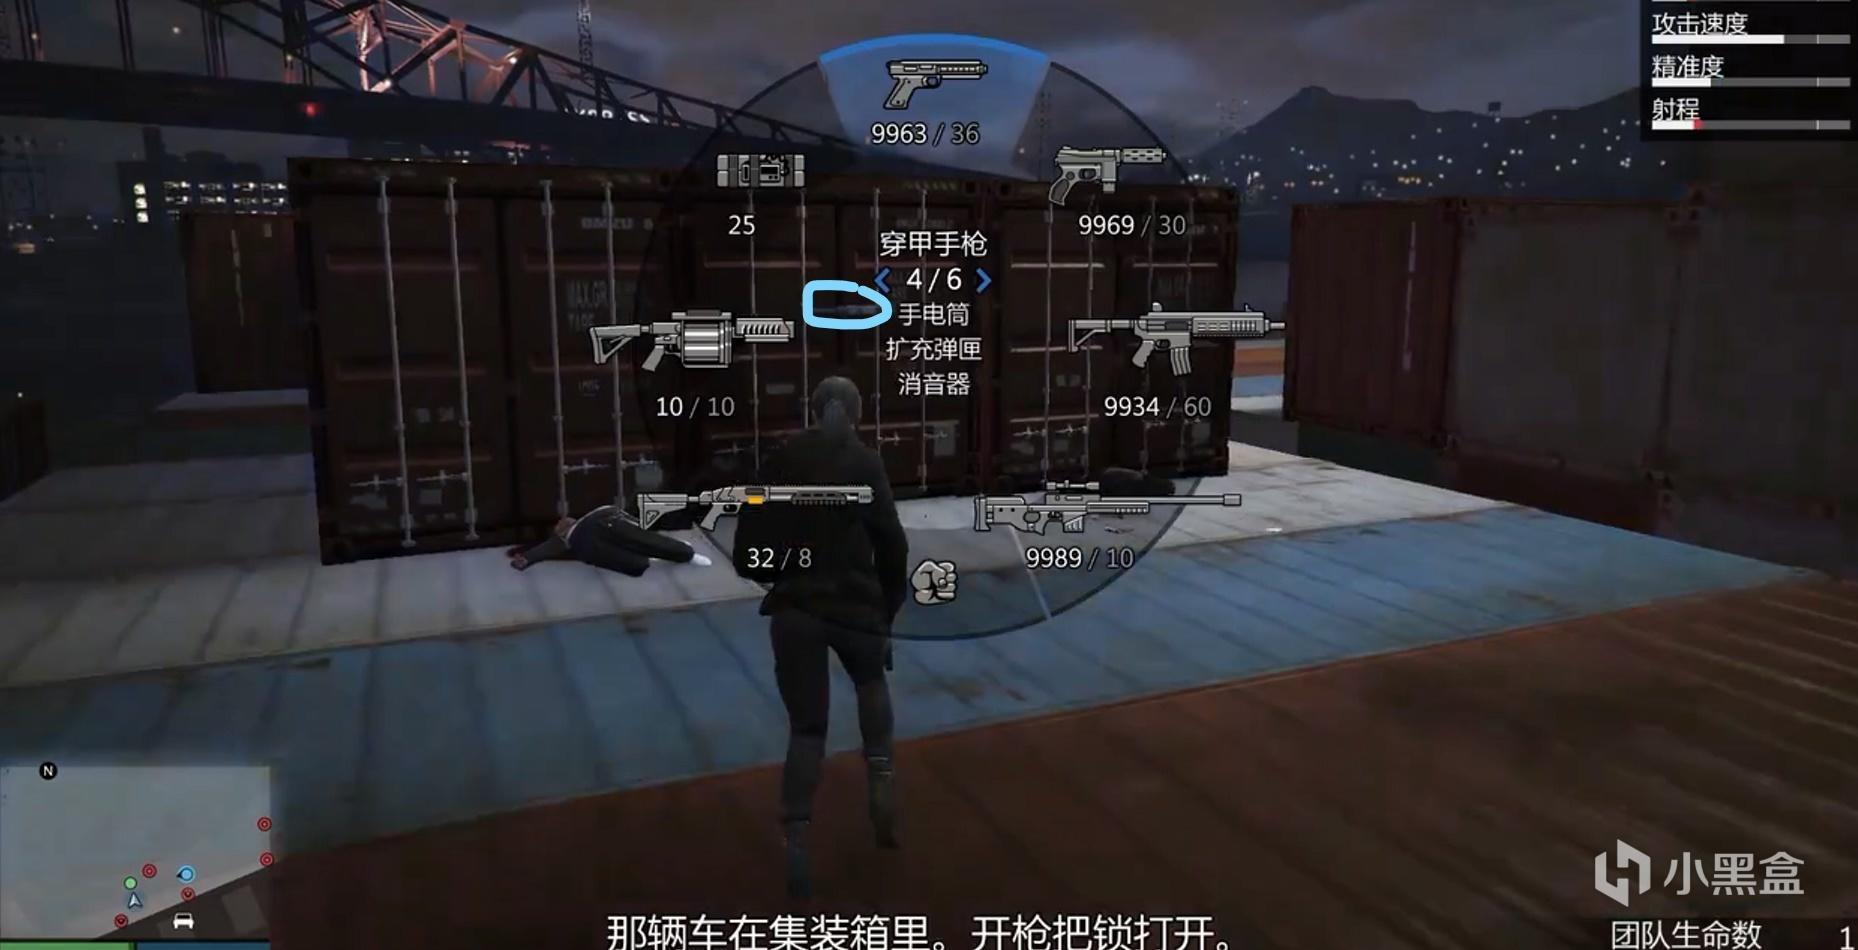 GTA5 新手噩梦越狱教程插图11